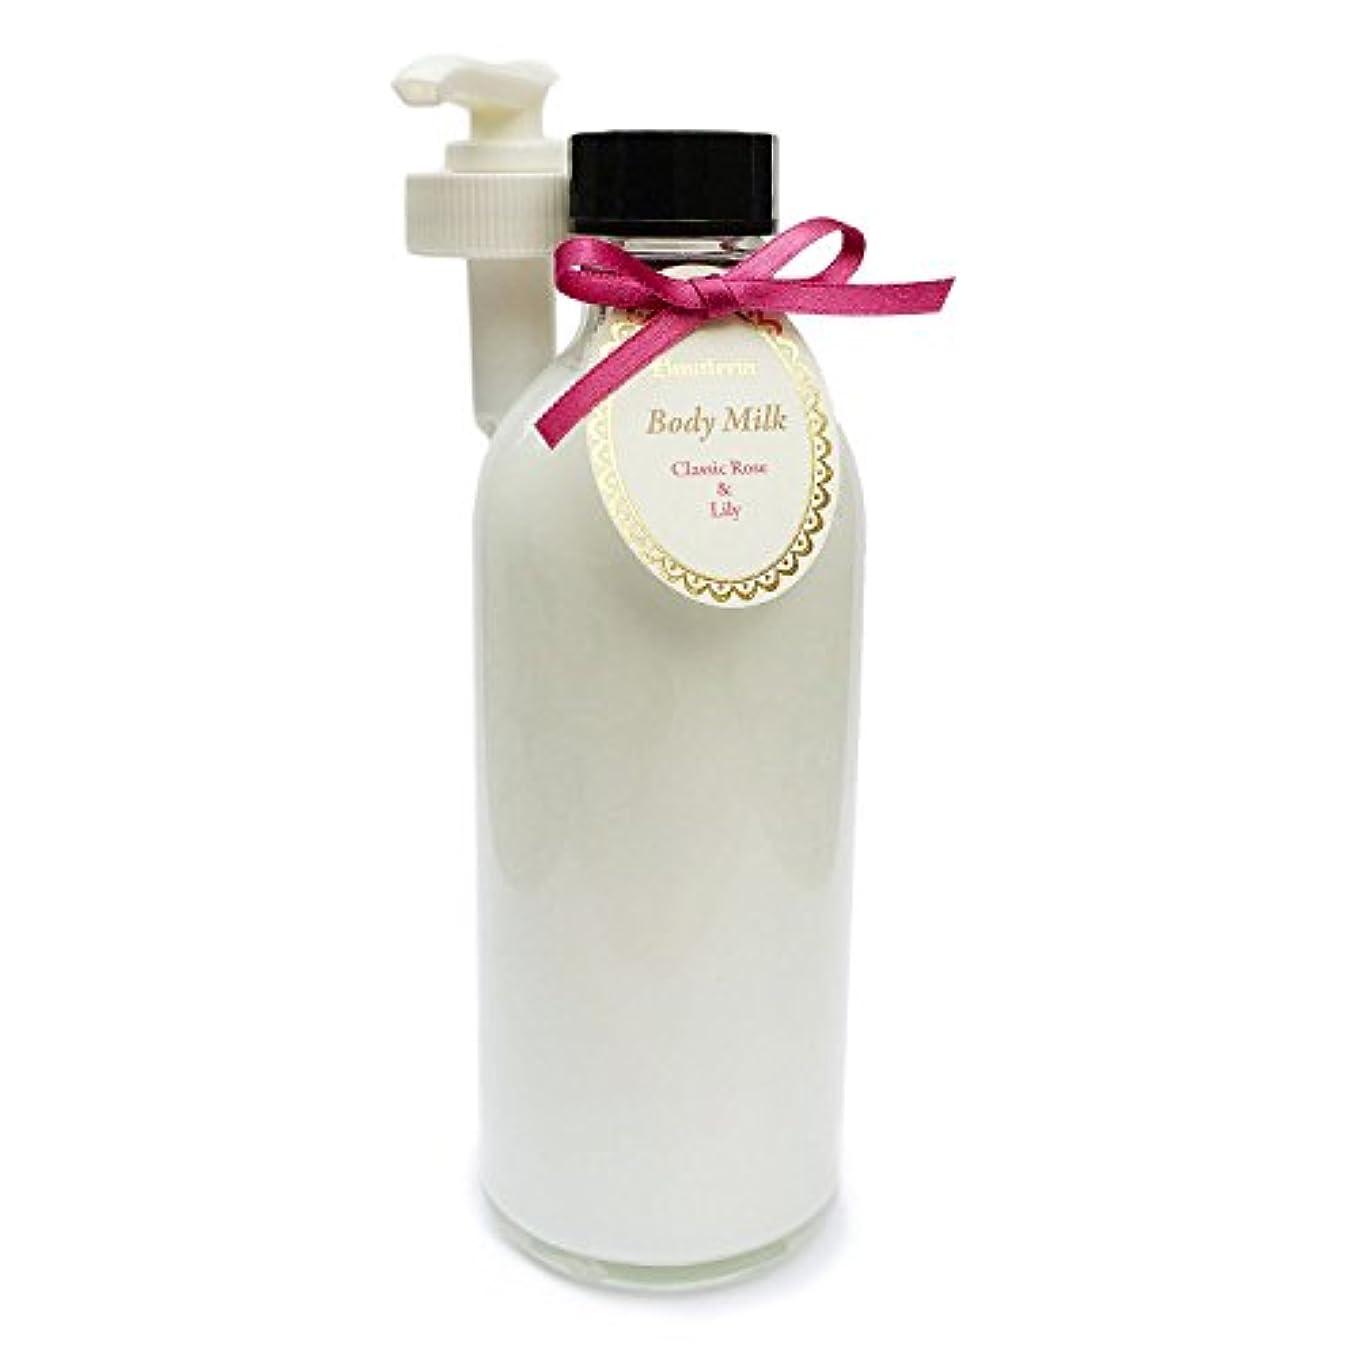 先生額ヤングD materia ボディミルク クラシックローズ&リリー Classic Rose&Lily Body Milk ディーマテリア